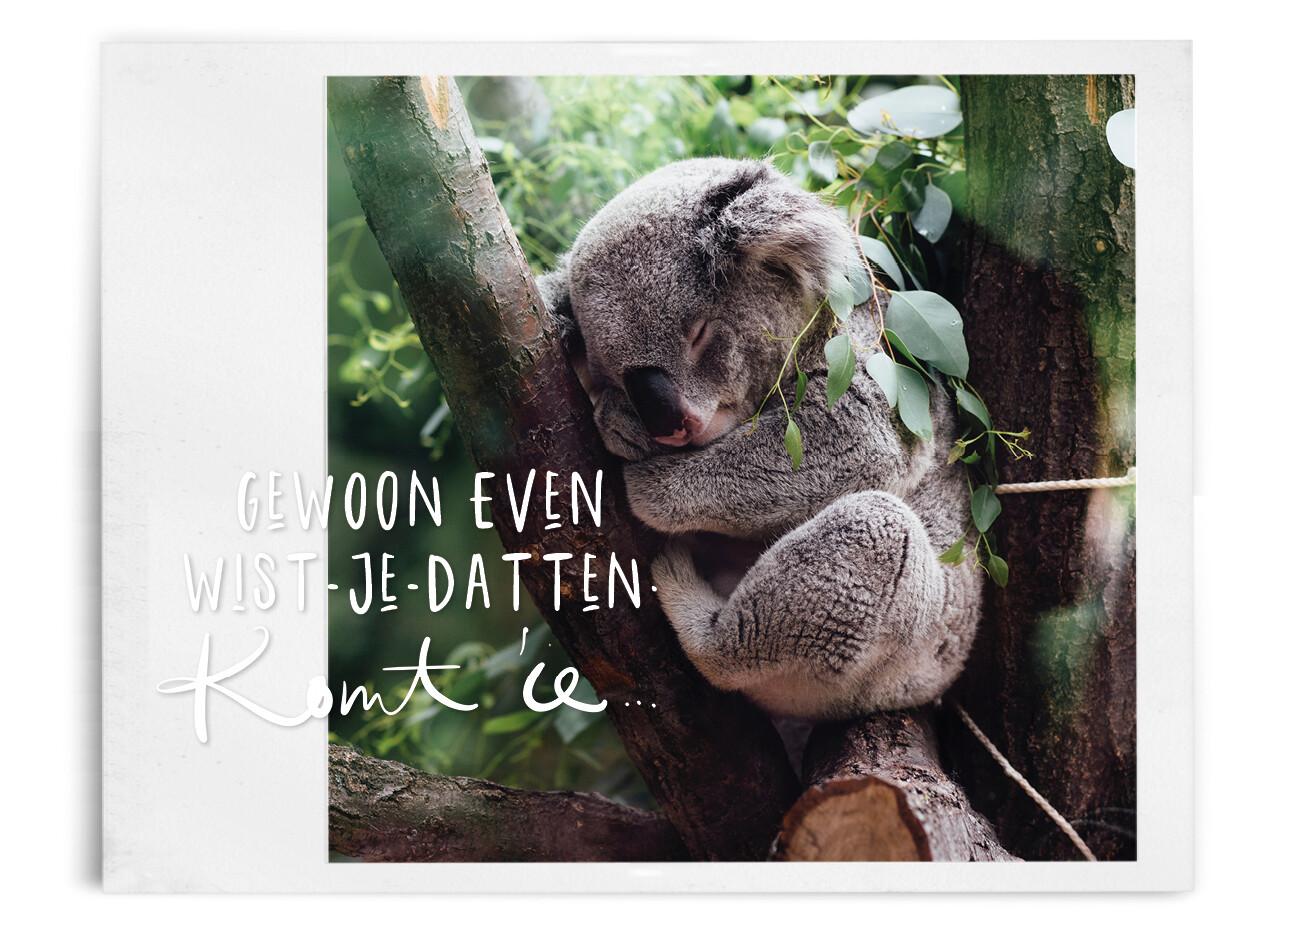 koalaberen in de boom aan het slapen